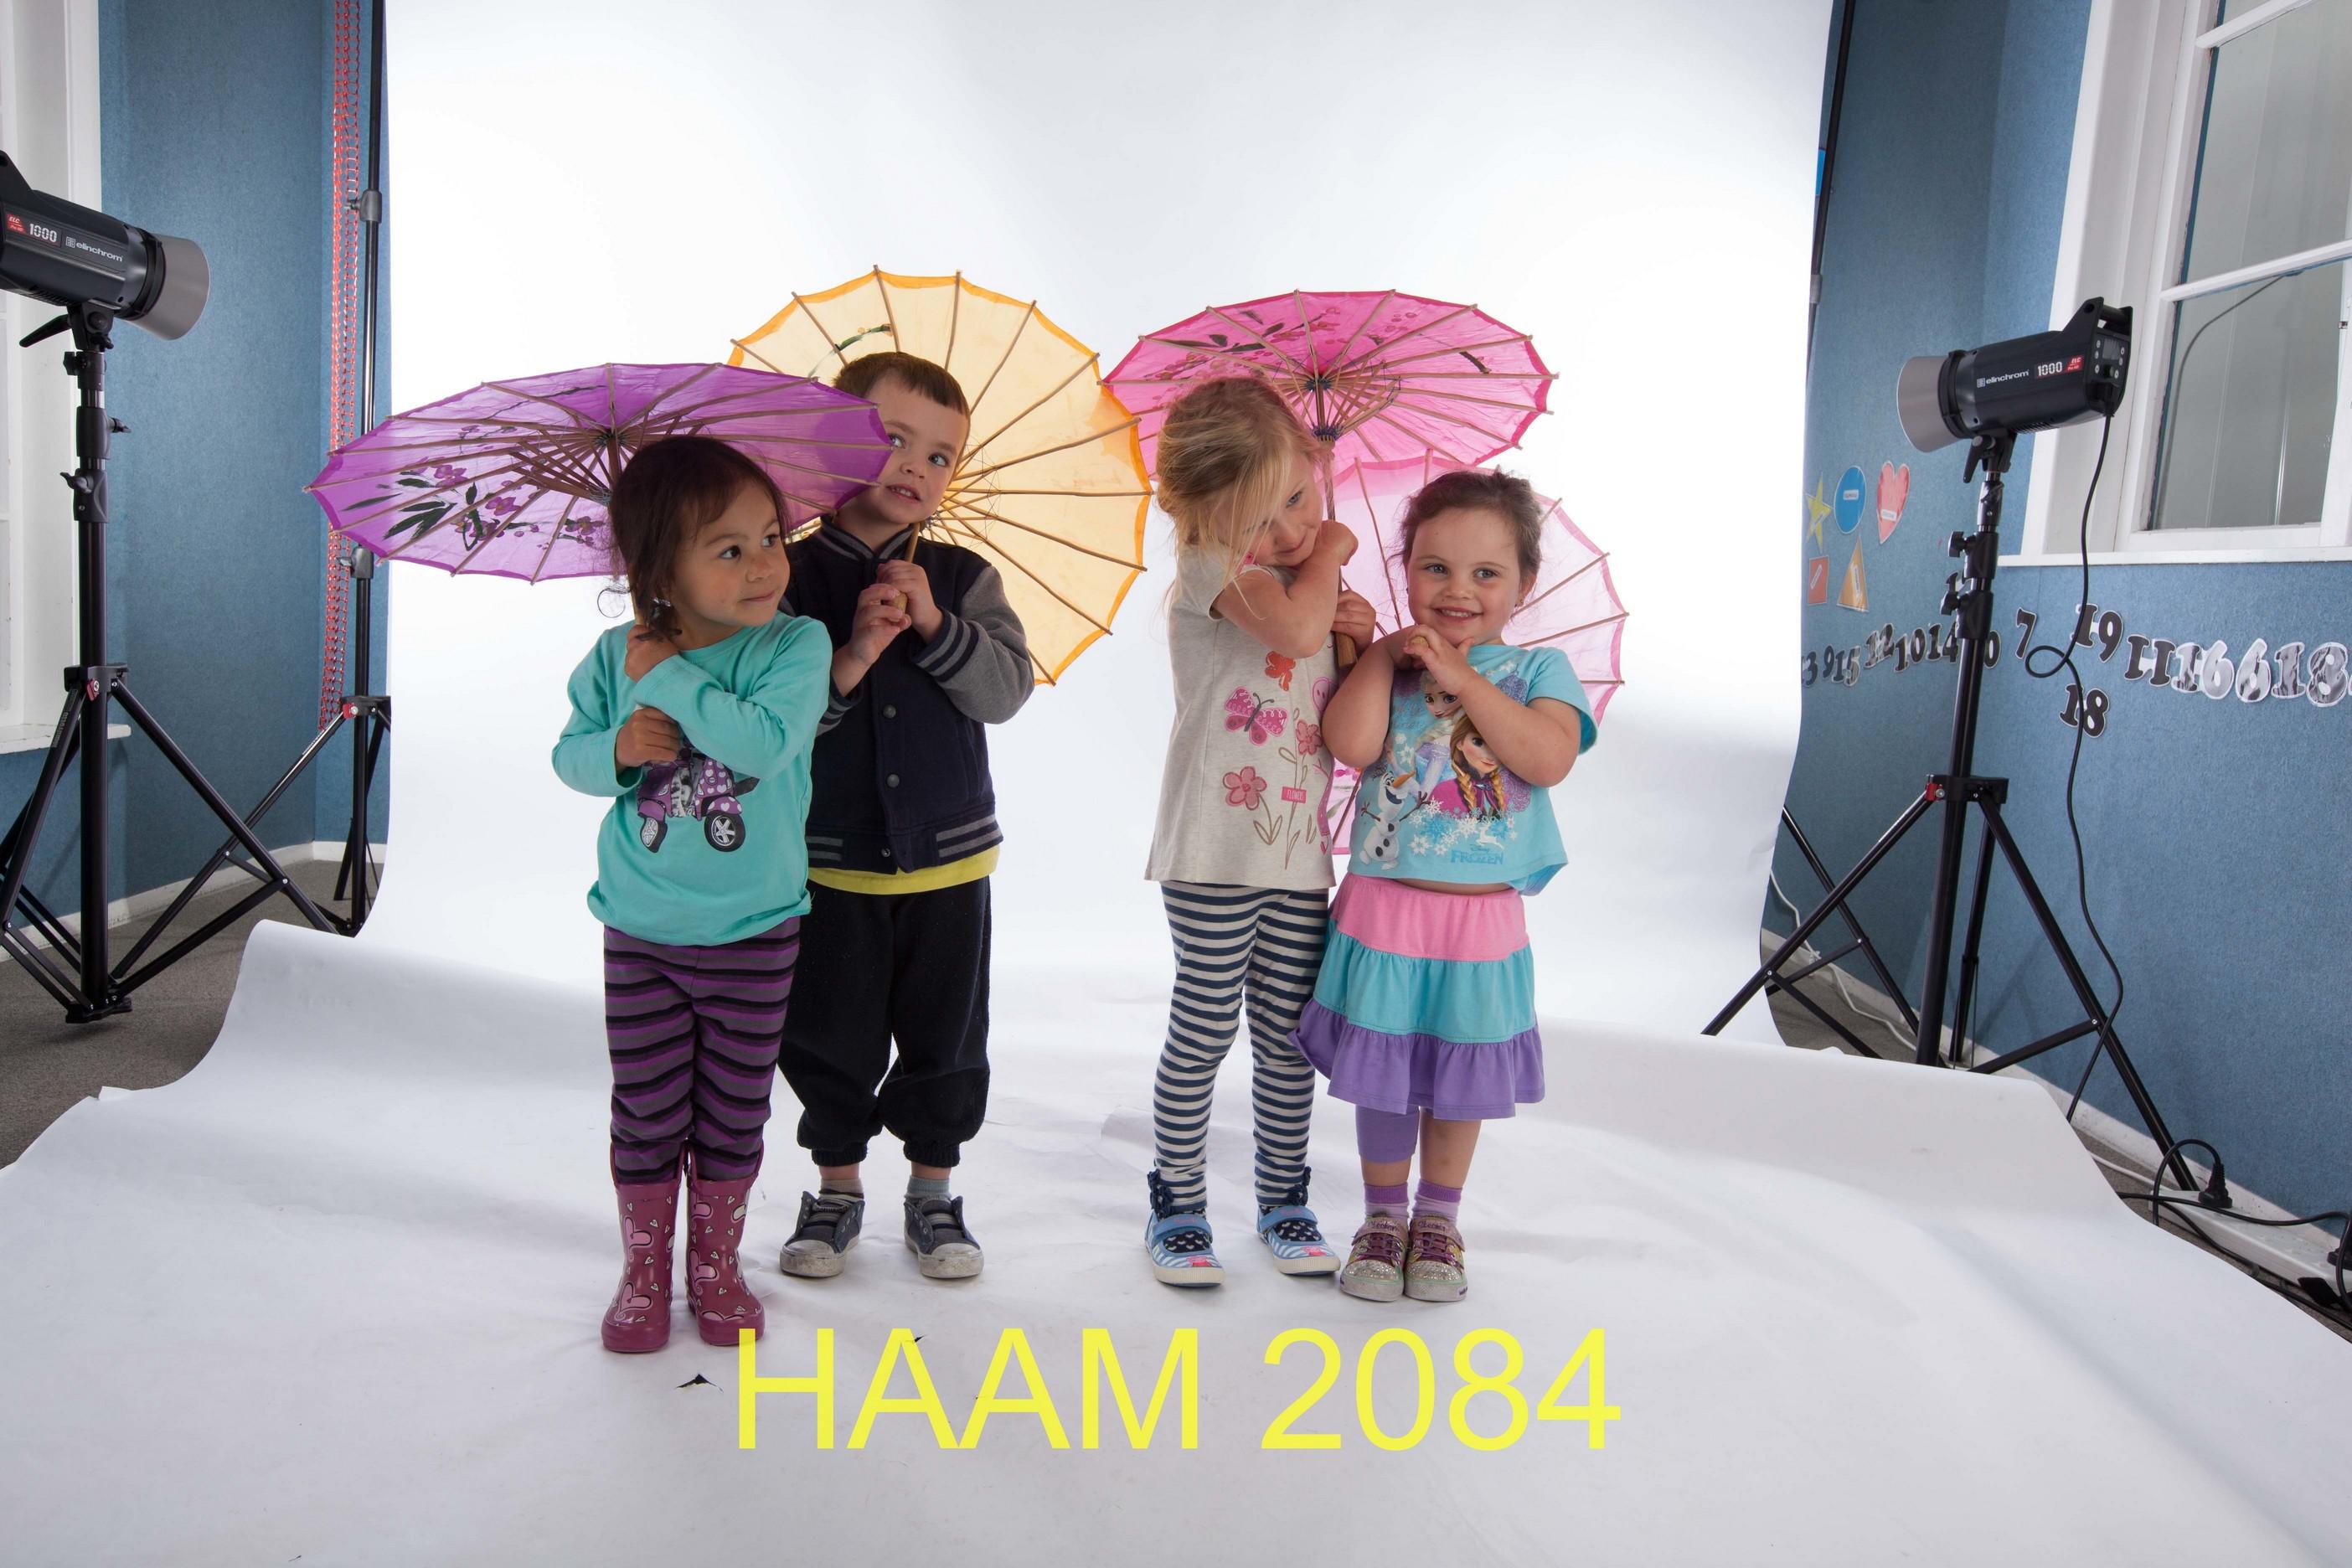 HAAM 2084